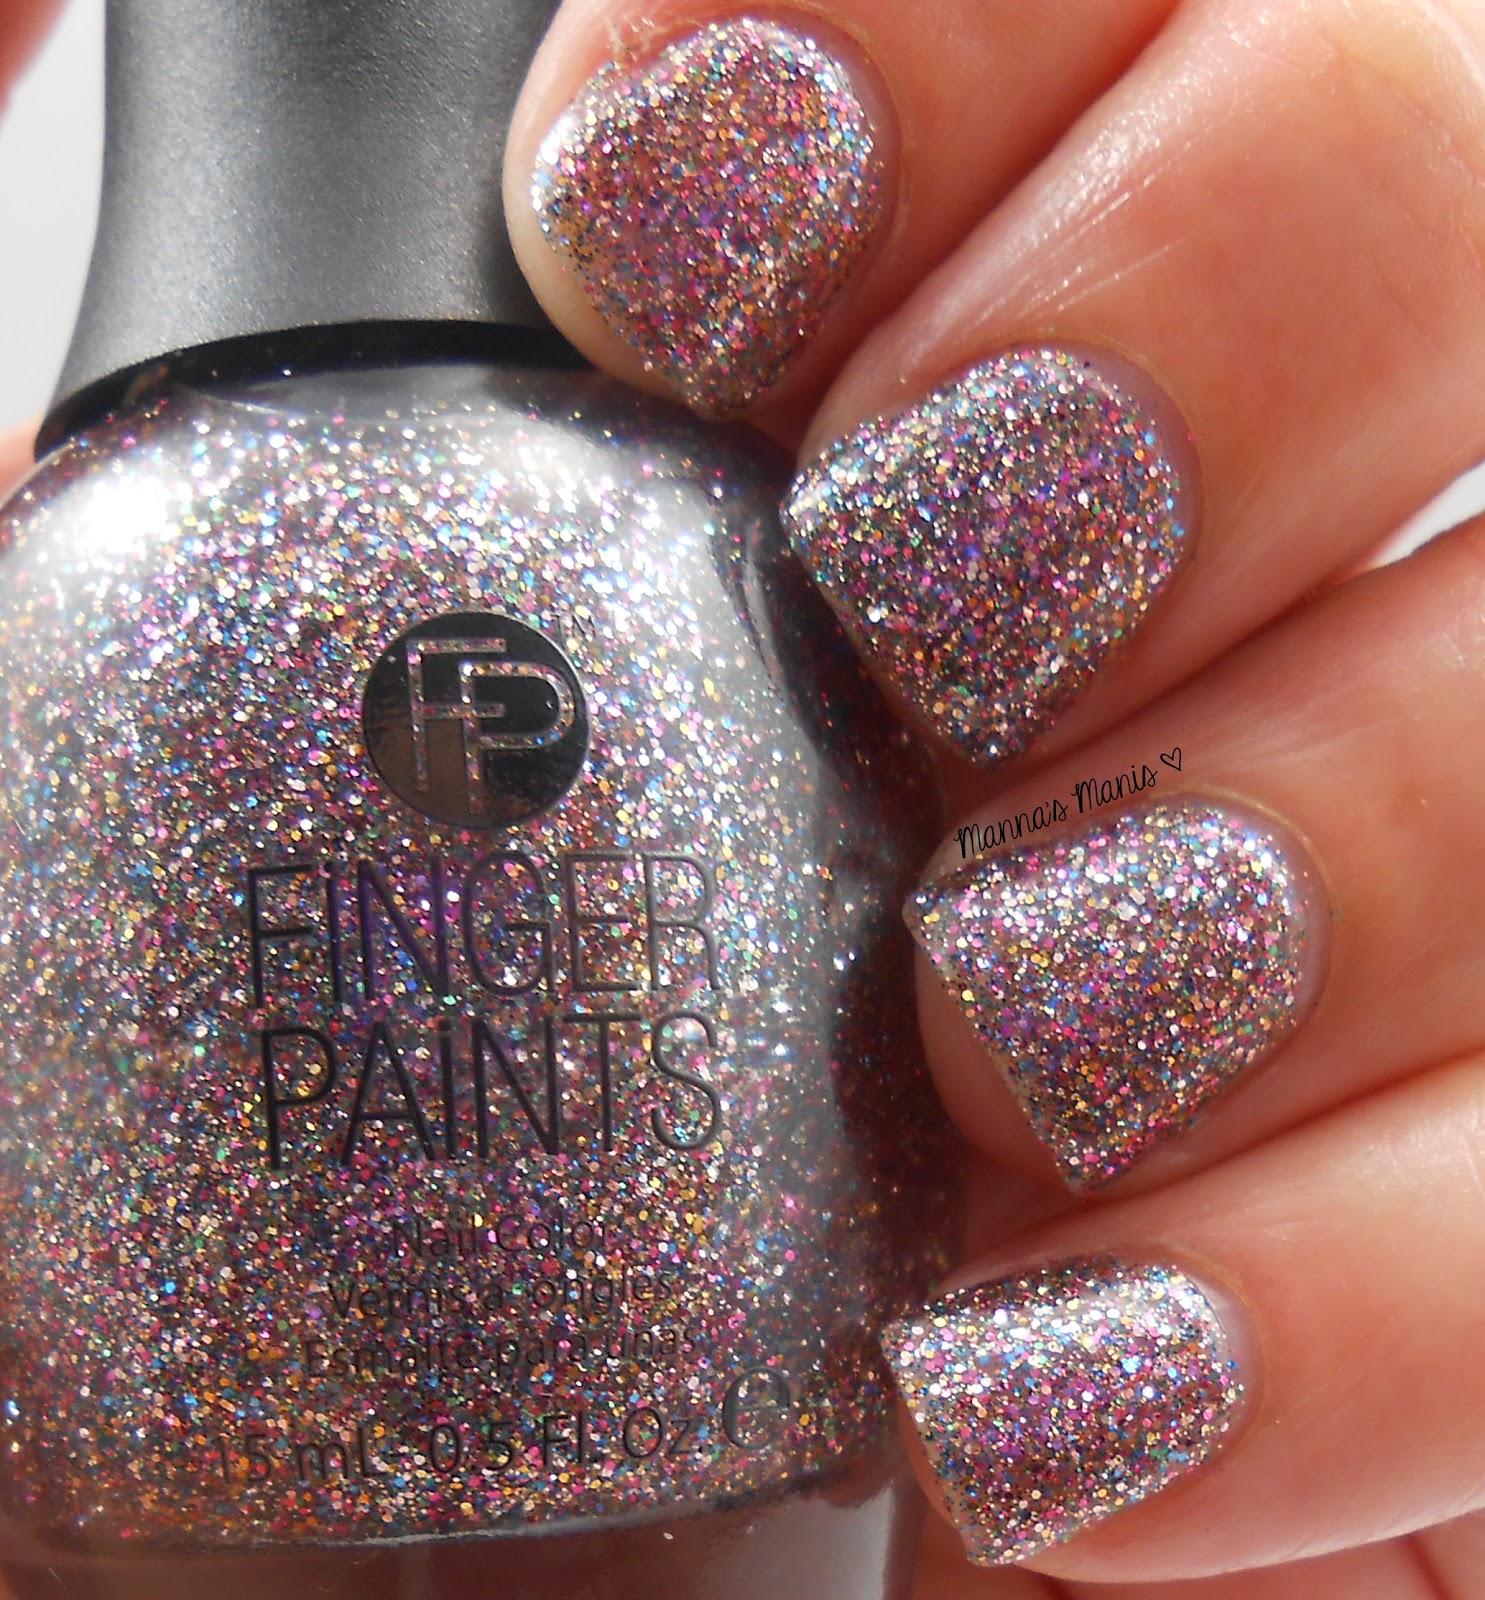 fingerpaints glisten here, a full coverage multicolored microglitter nail polish